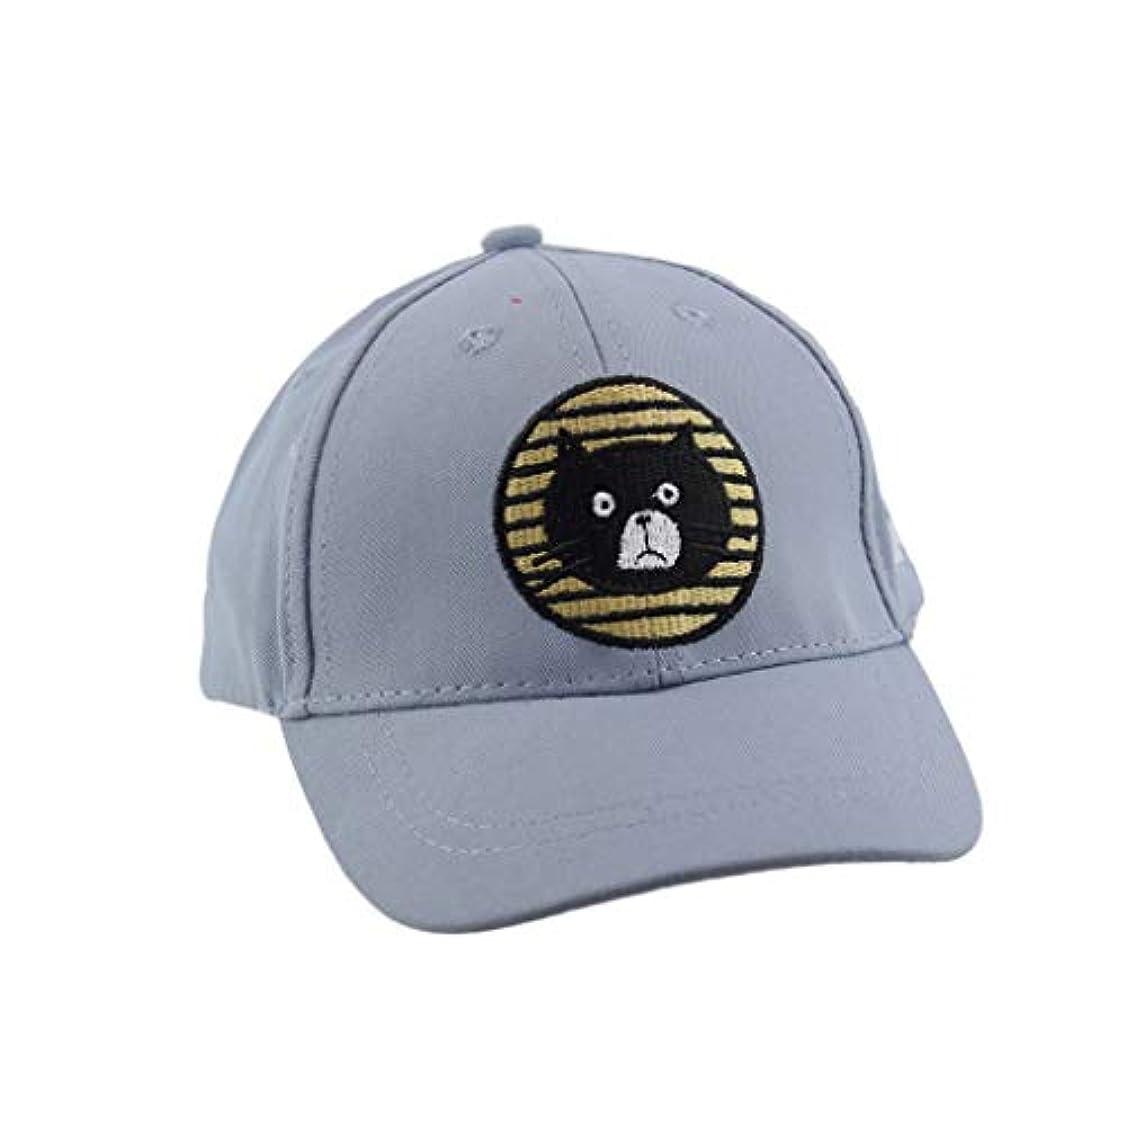 怪しい比類のない犯すKaiweini 春夏新しい漁夫帽子供しゃれ ベビー帽 通気性抜群 日除け UVカット 紫外線対策スポーツ帽子男女兼用 速乾 軽薄 日よけ野球帽